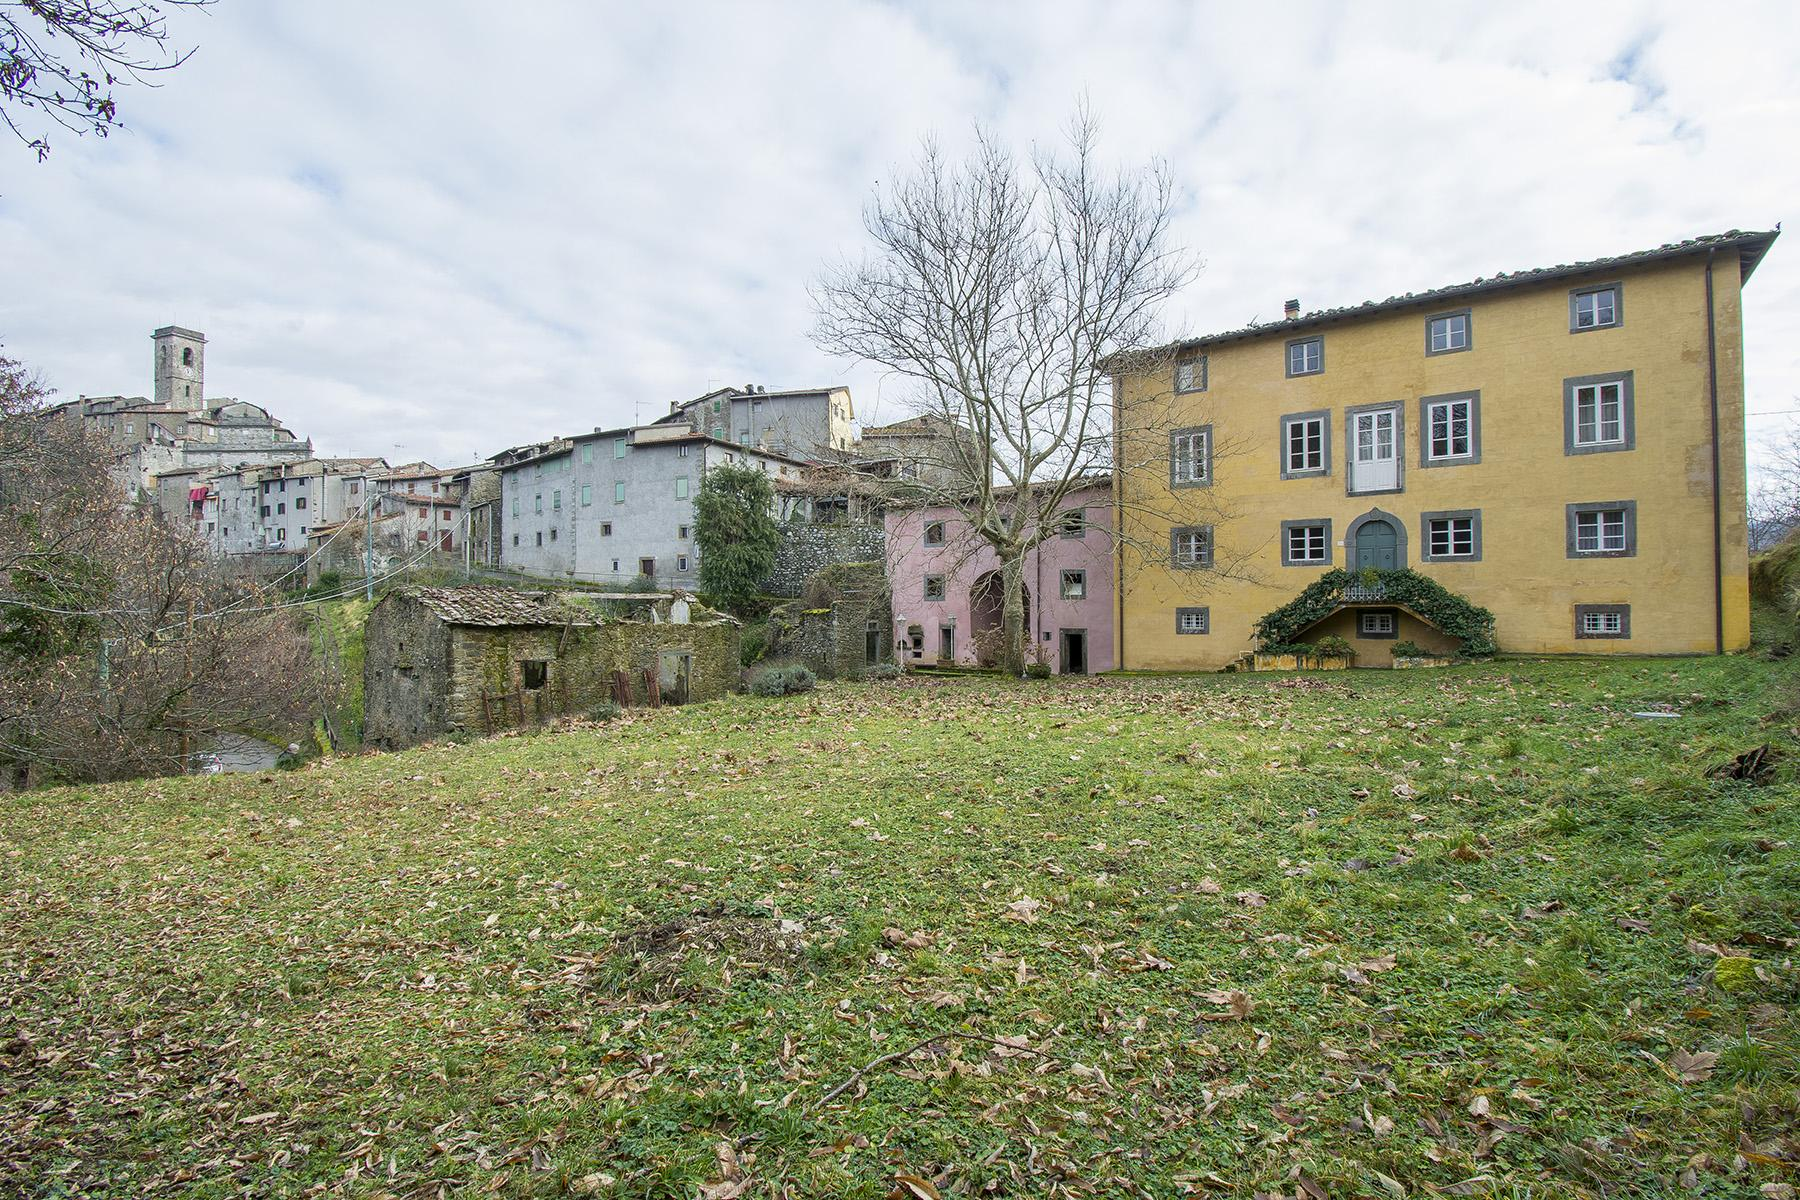 Villa historique près d'un village toscan médiéval - 24